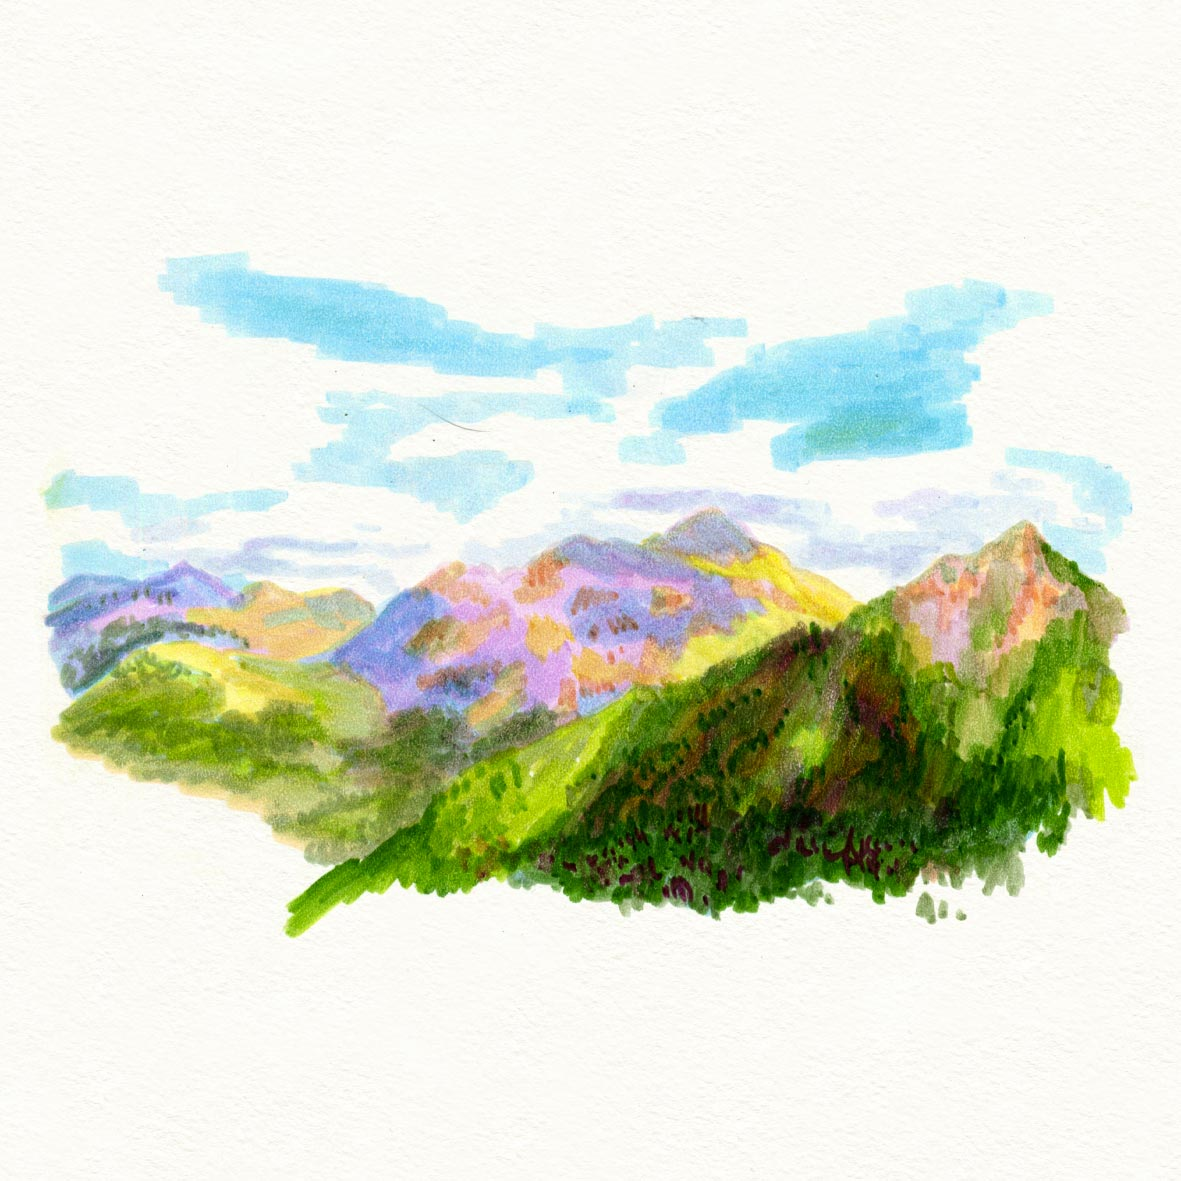 croquis_summer_sketche_feutre_montagne_01